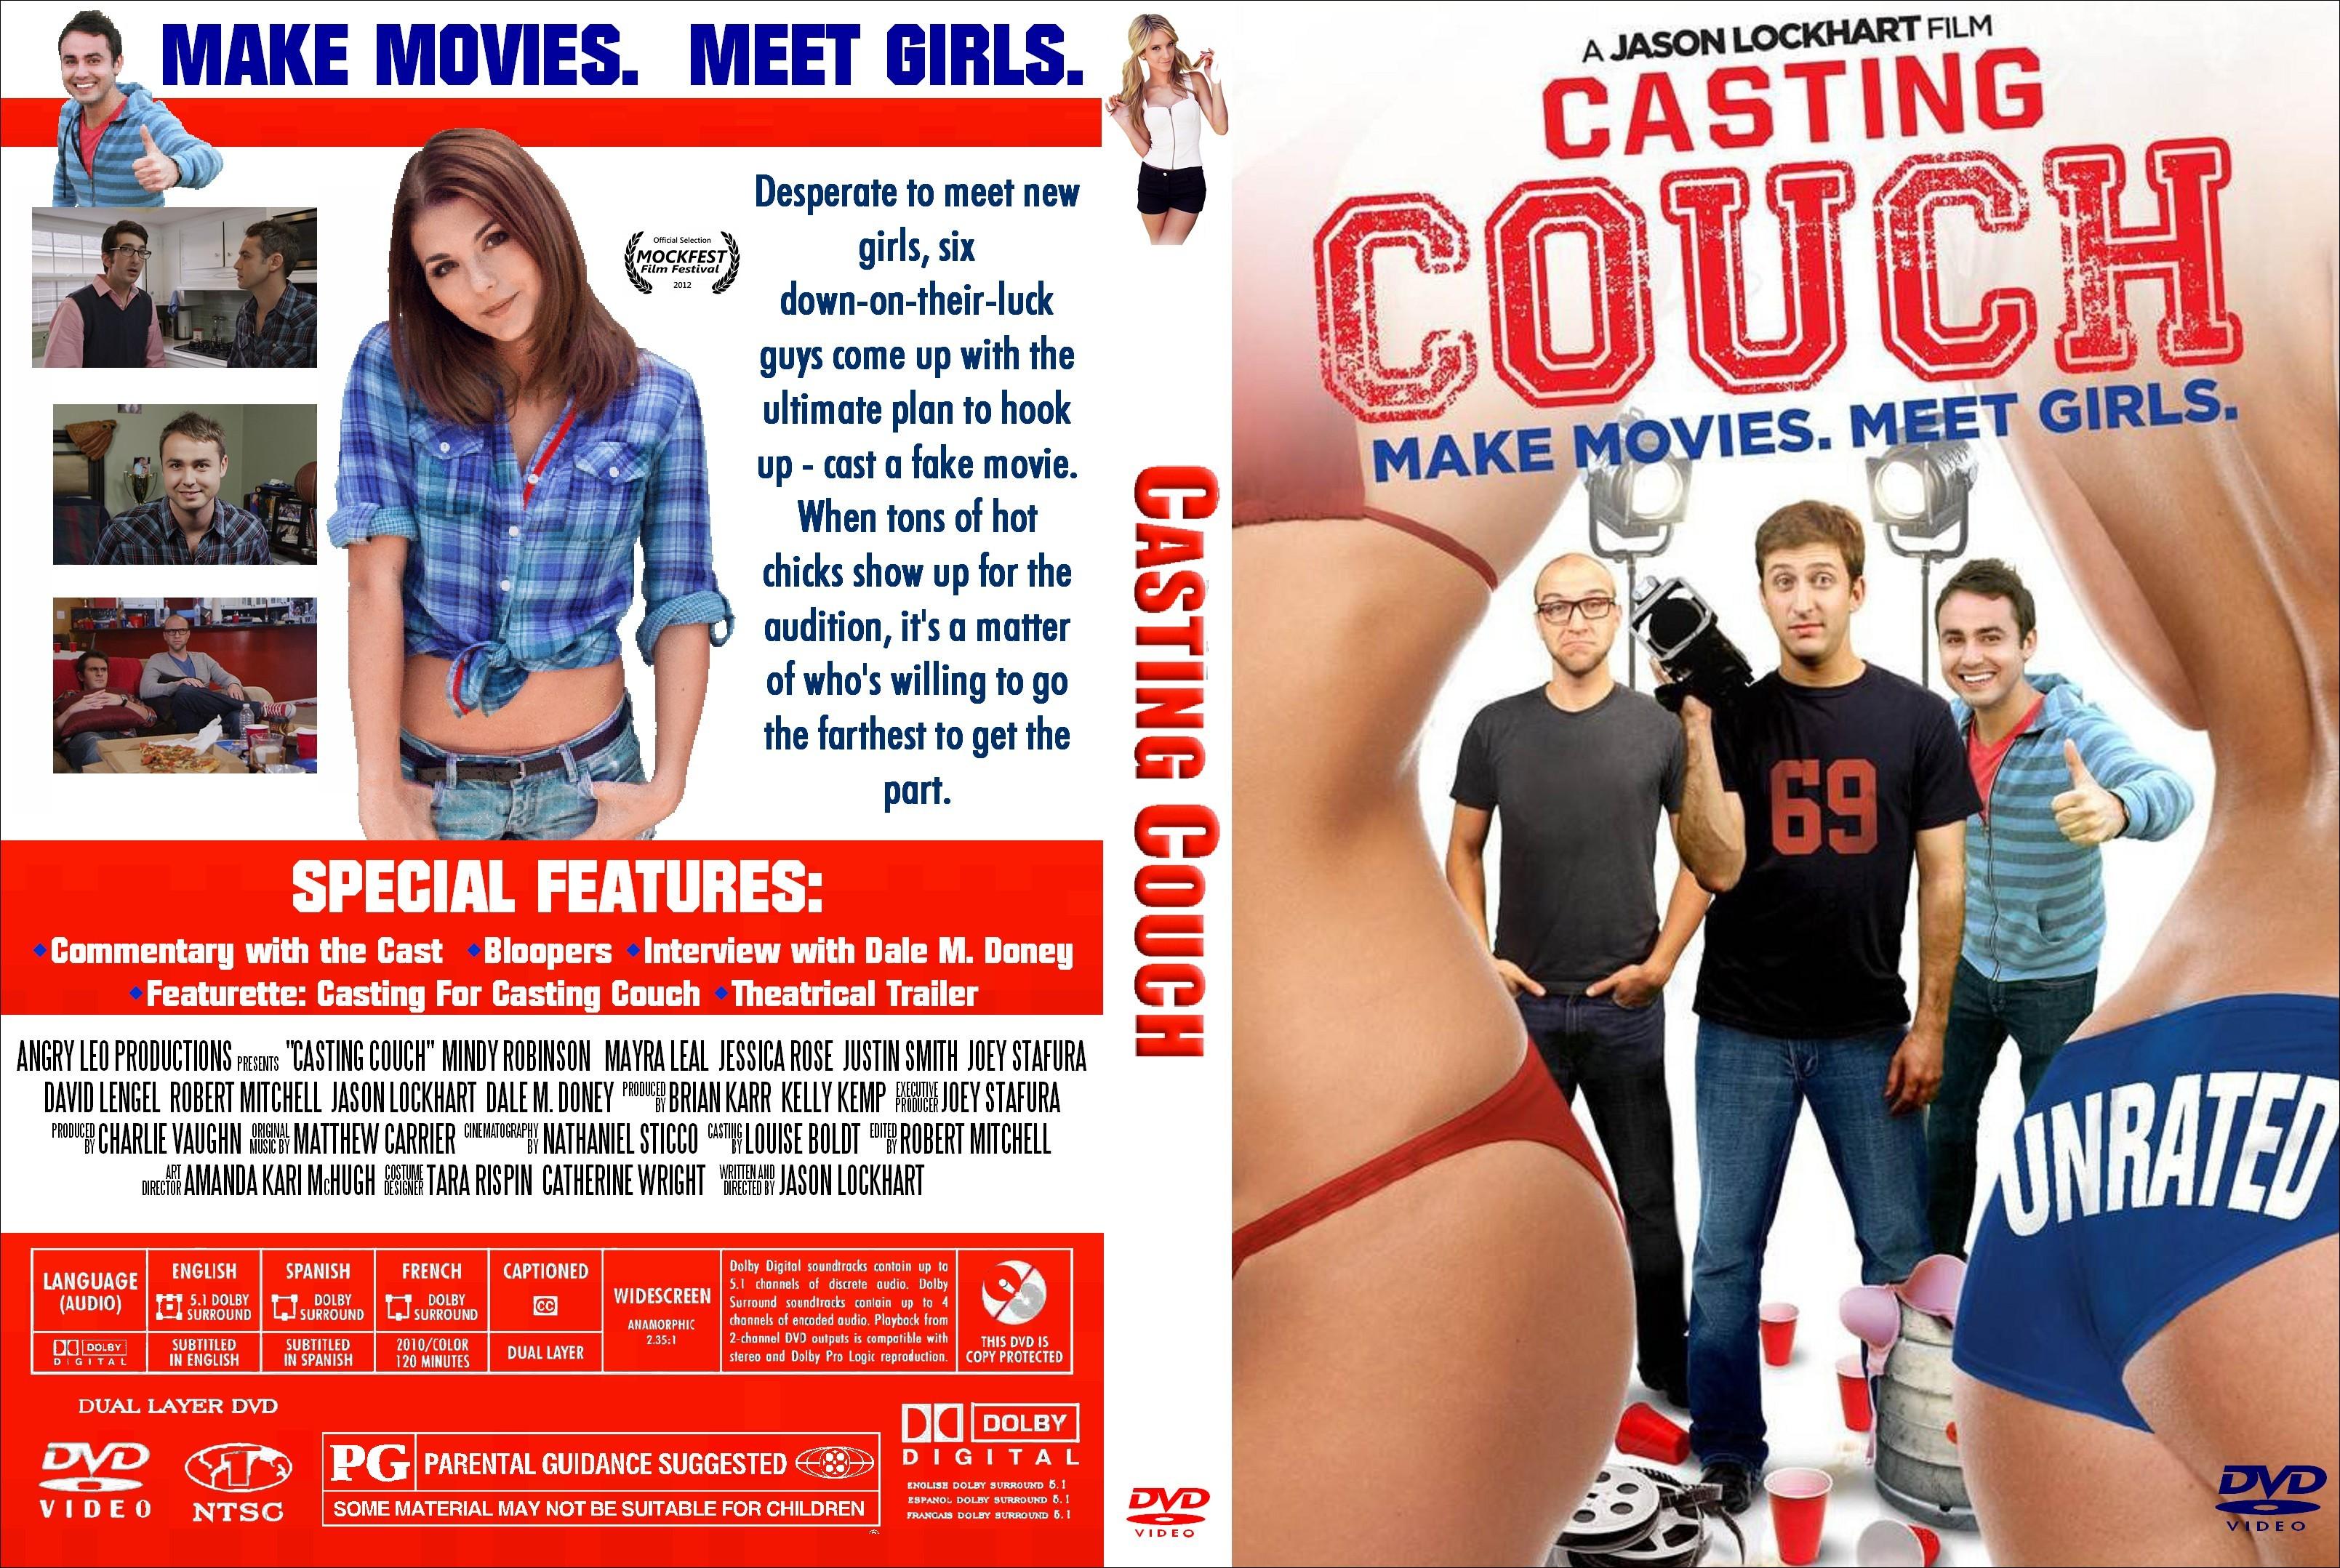 Фото casting couch x 24 фотография